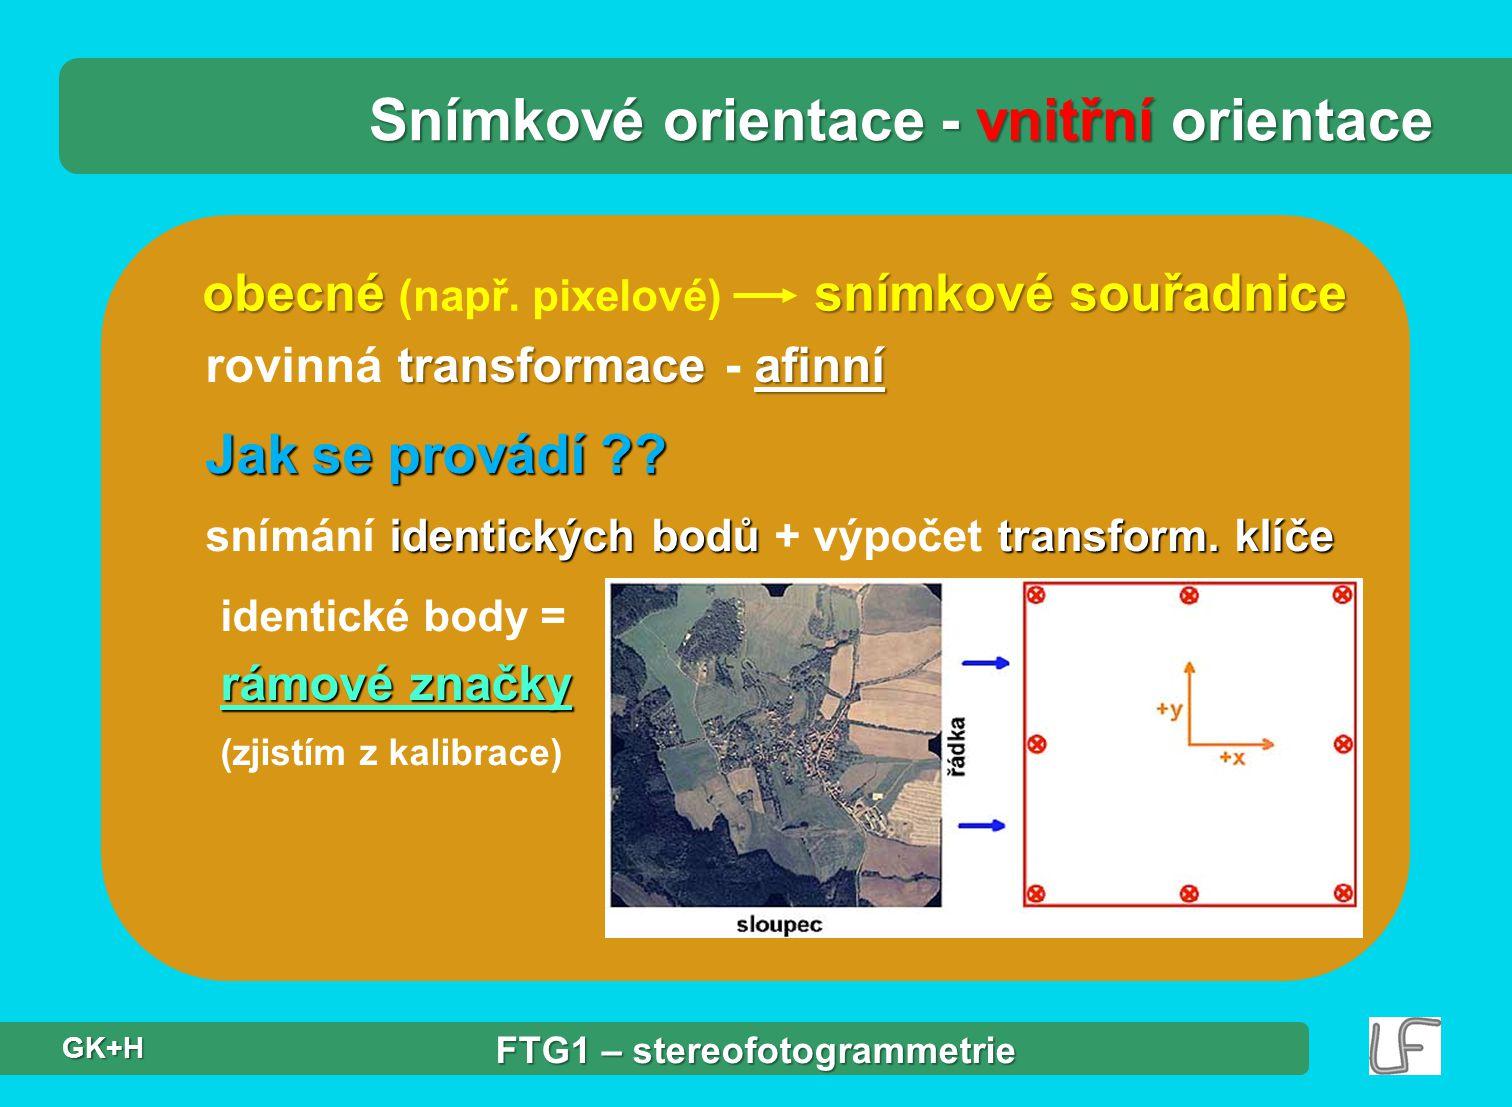 Jak se provádí ?? identických bodů transform. klíče snímání identických bodů + výpočet transform. klíče rámové značky identické body = rámové značky (